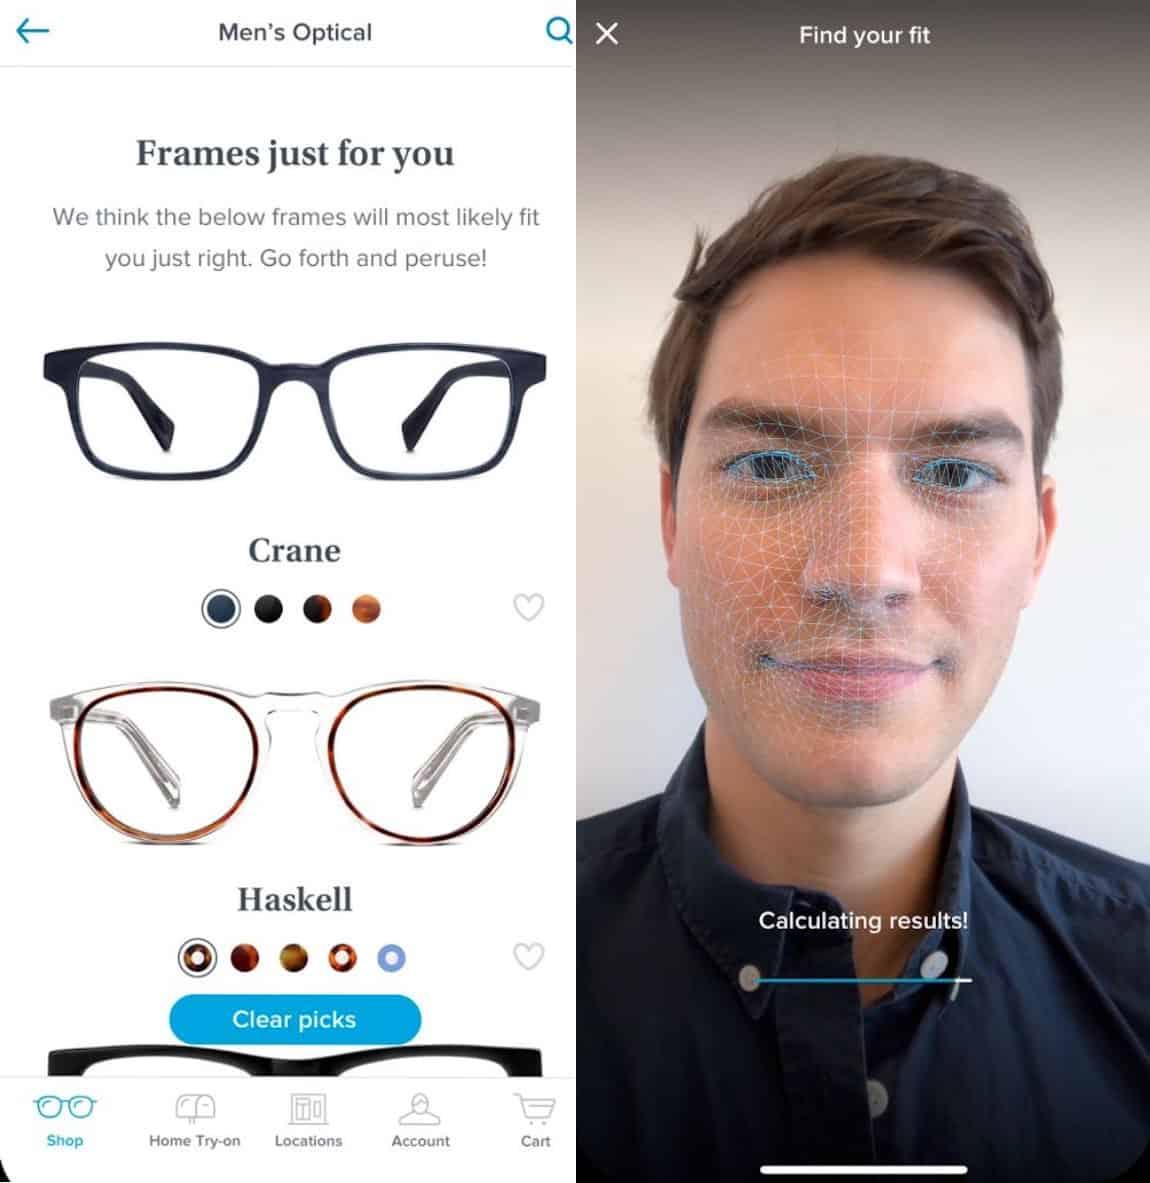 การตลาดวันละตอน กับ Warby Parker และแว่นที่เหมาะกับคุณที่สุด